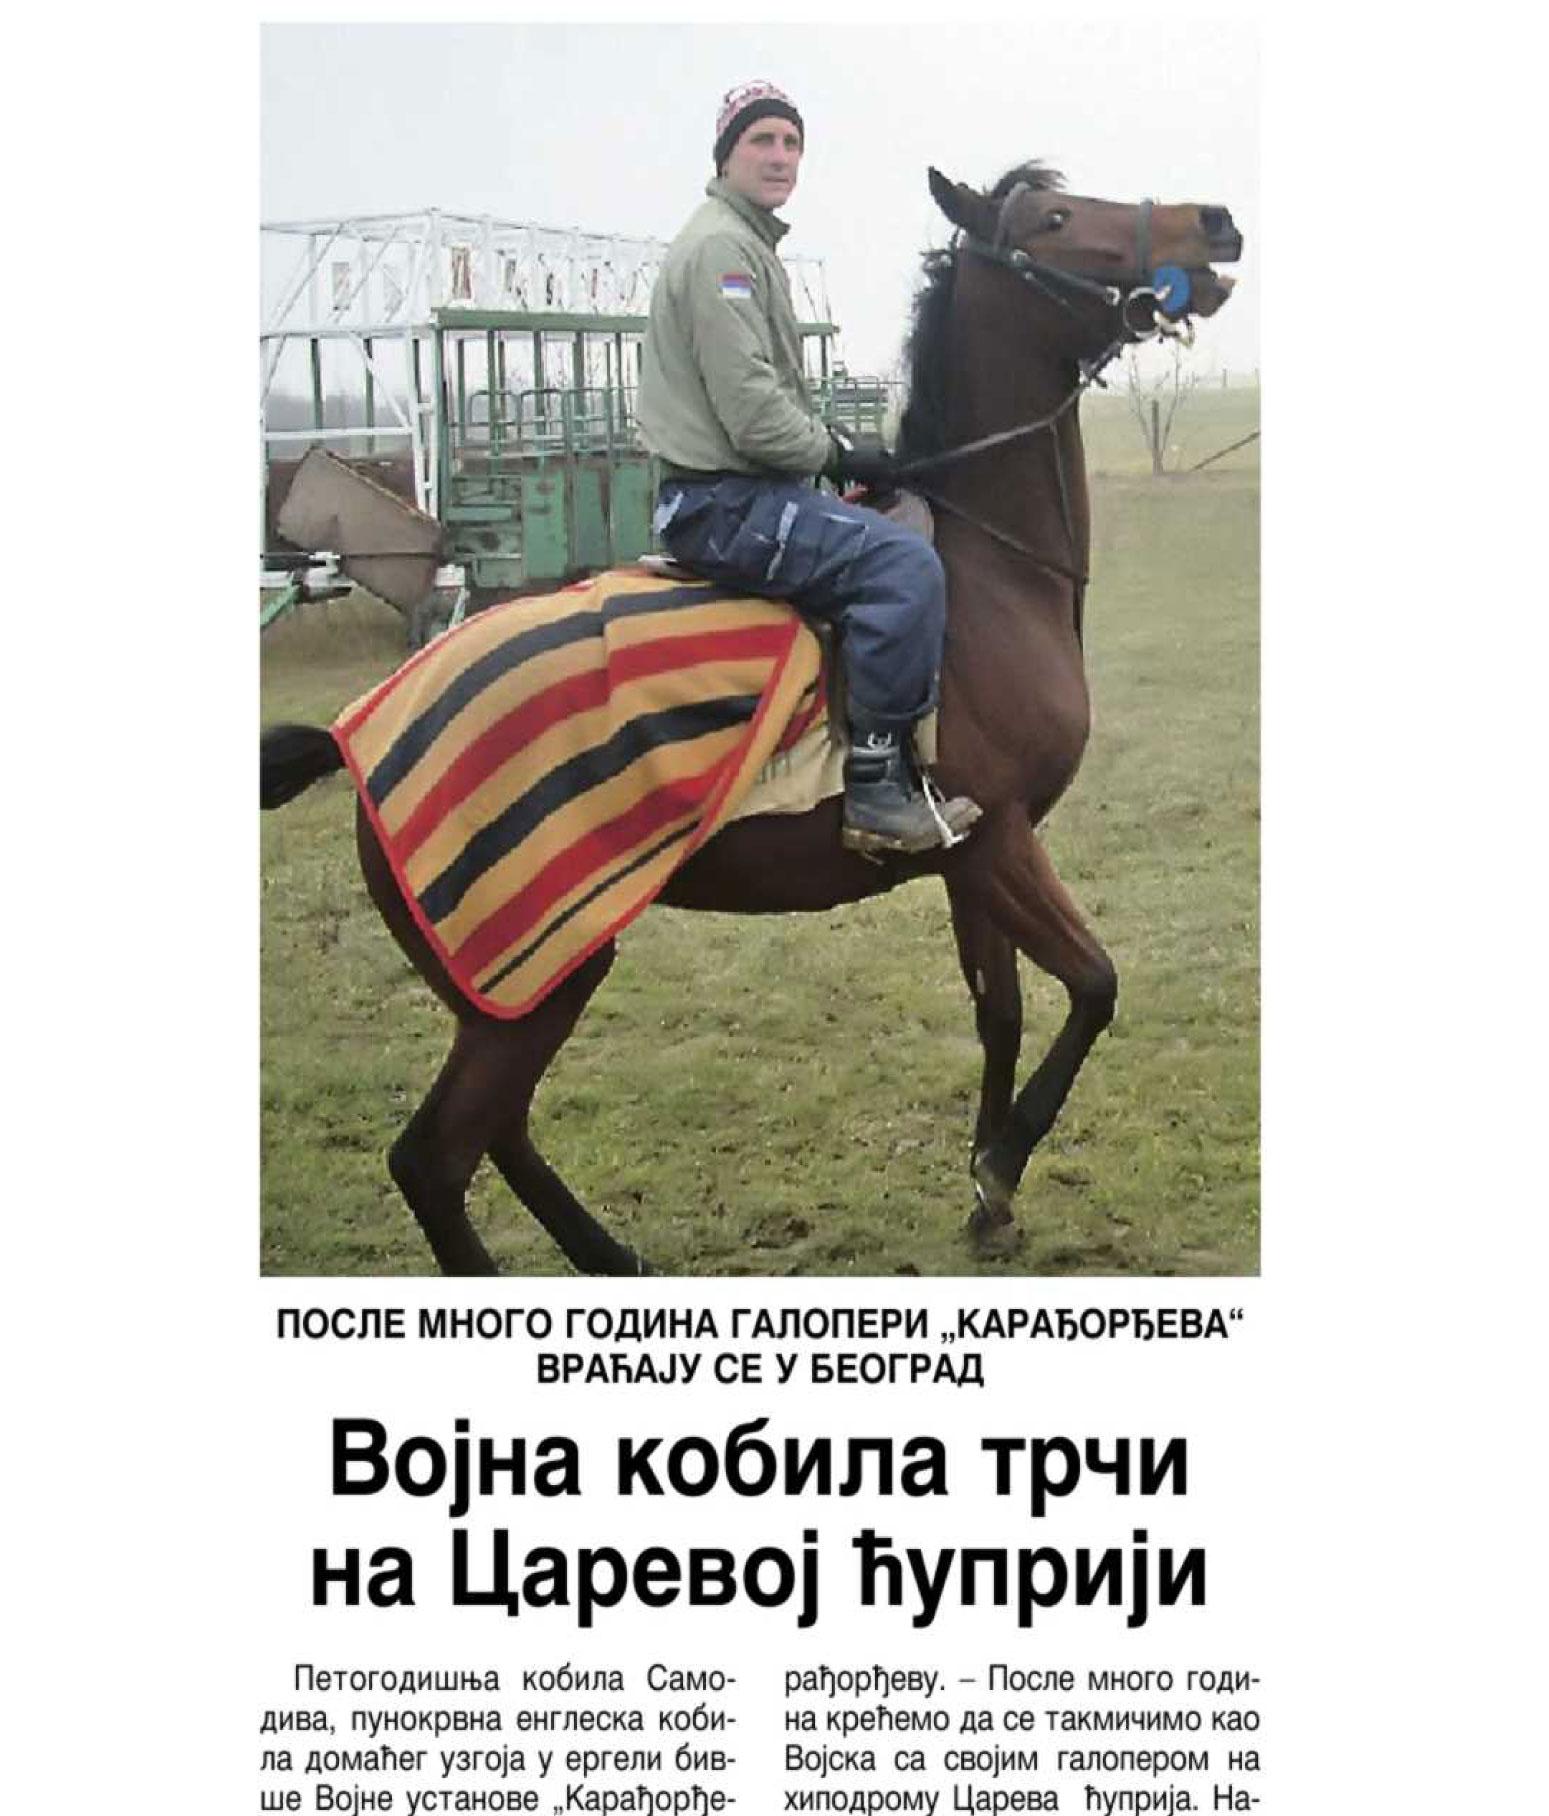 Војна кобила трчи на Царевој ћуприји